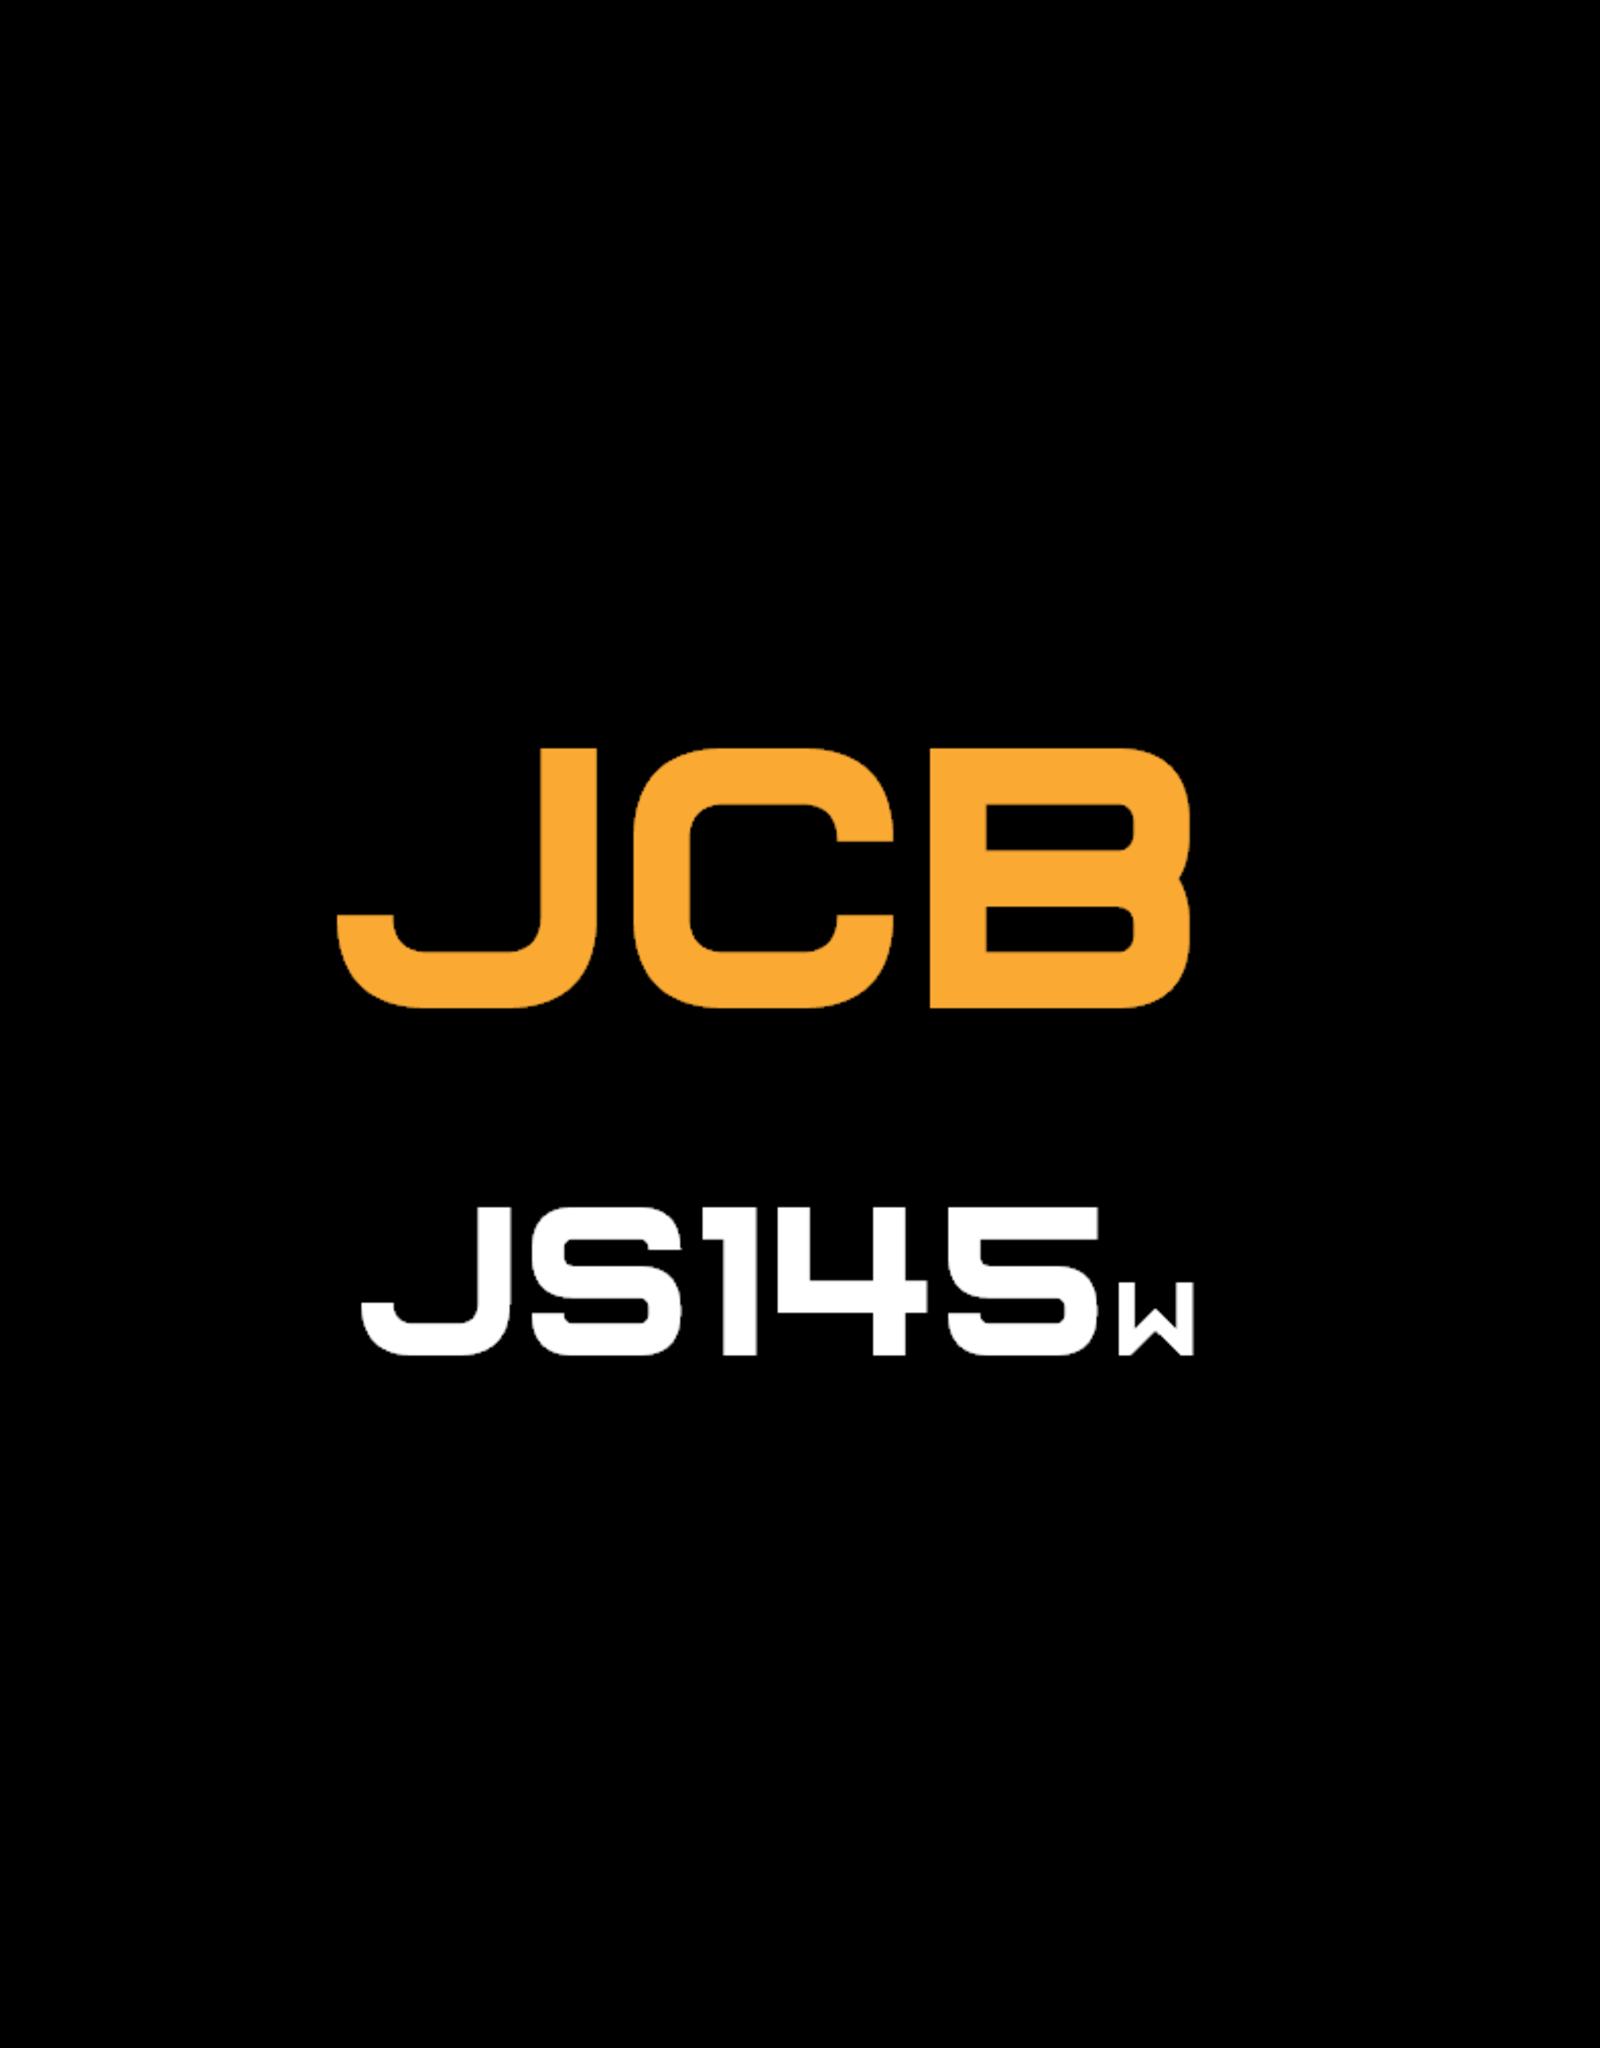 Echle Hartstahl GmbH FOPS for JCB JS145W